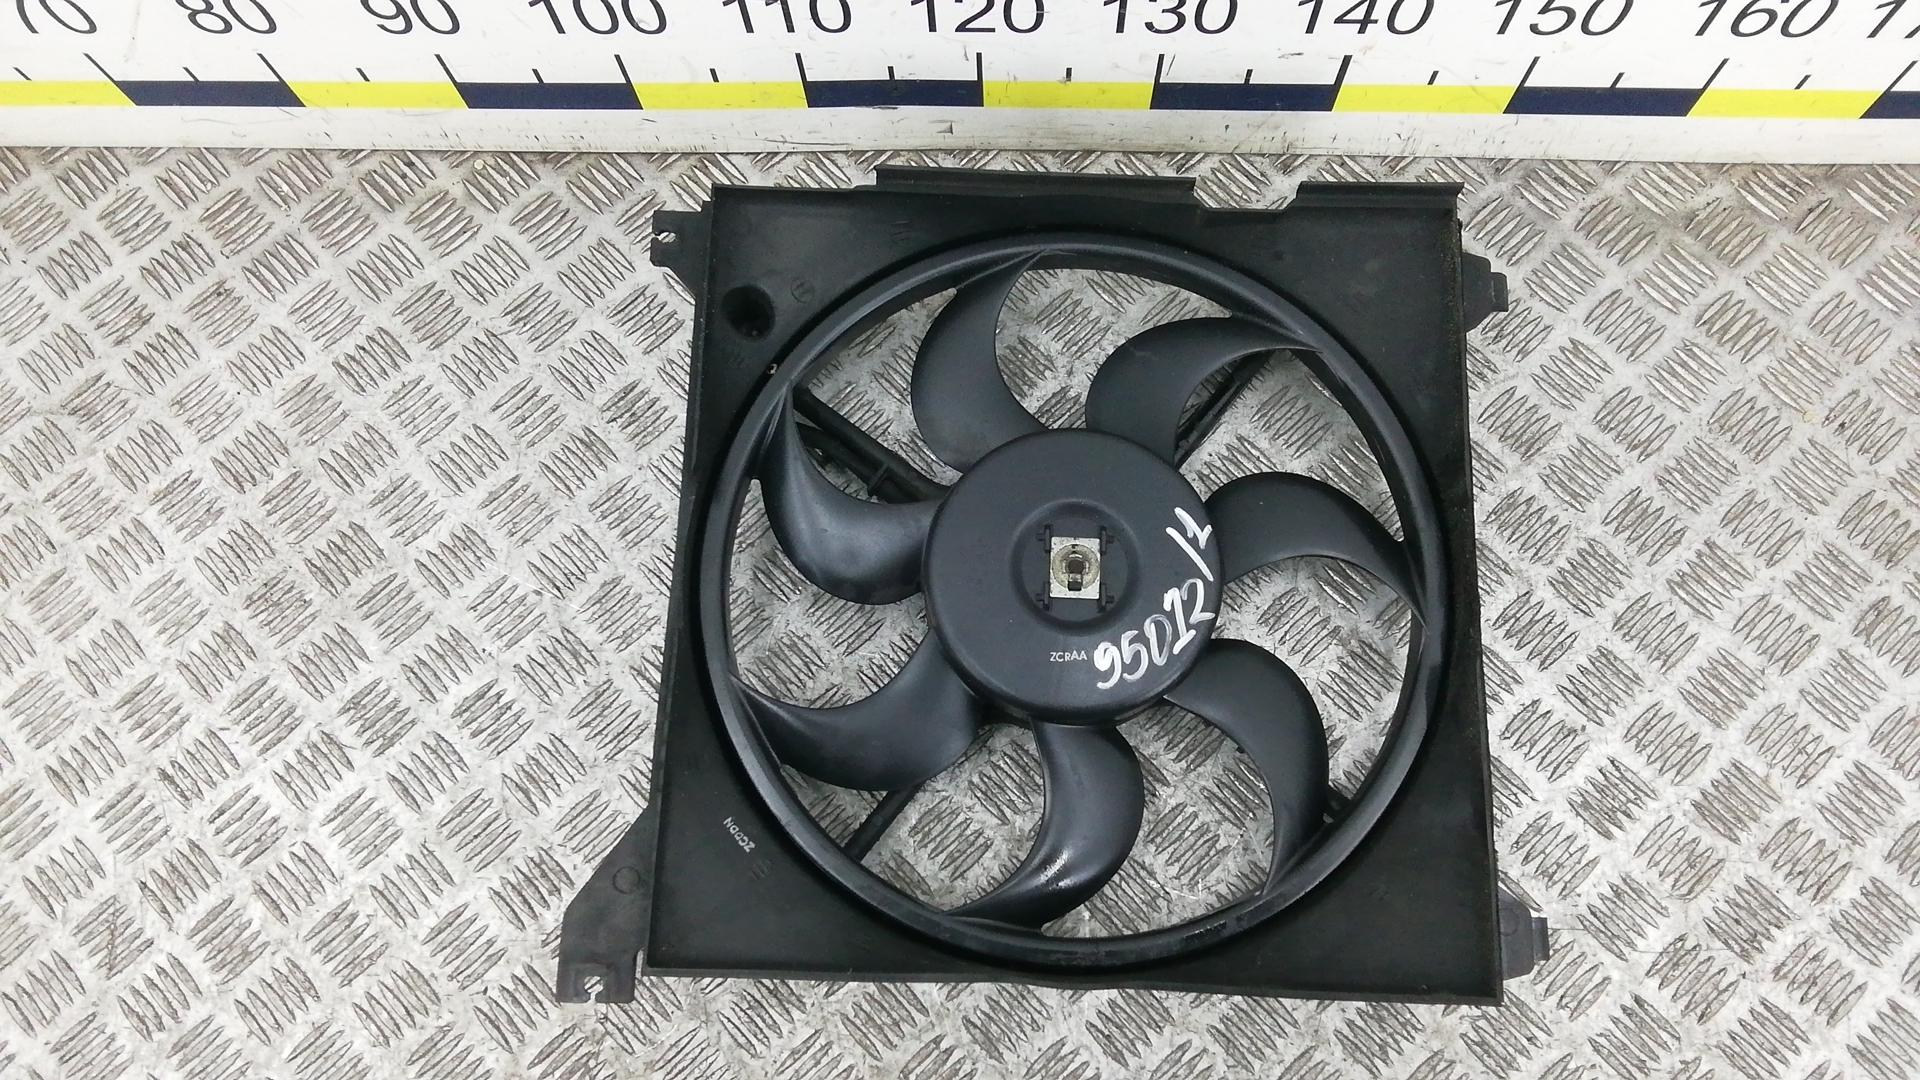 Вентилятор радиатора, KIA, MAGENTIS MS, 2004